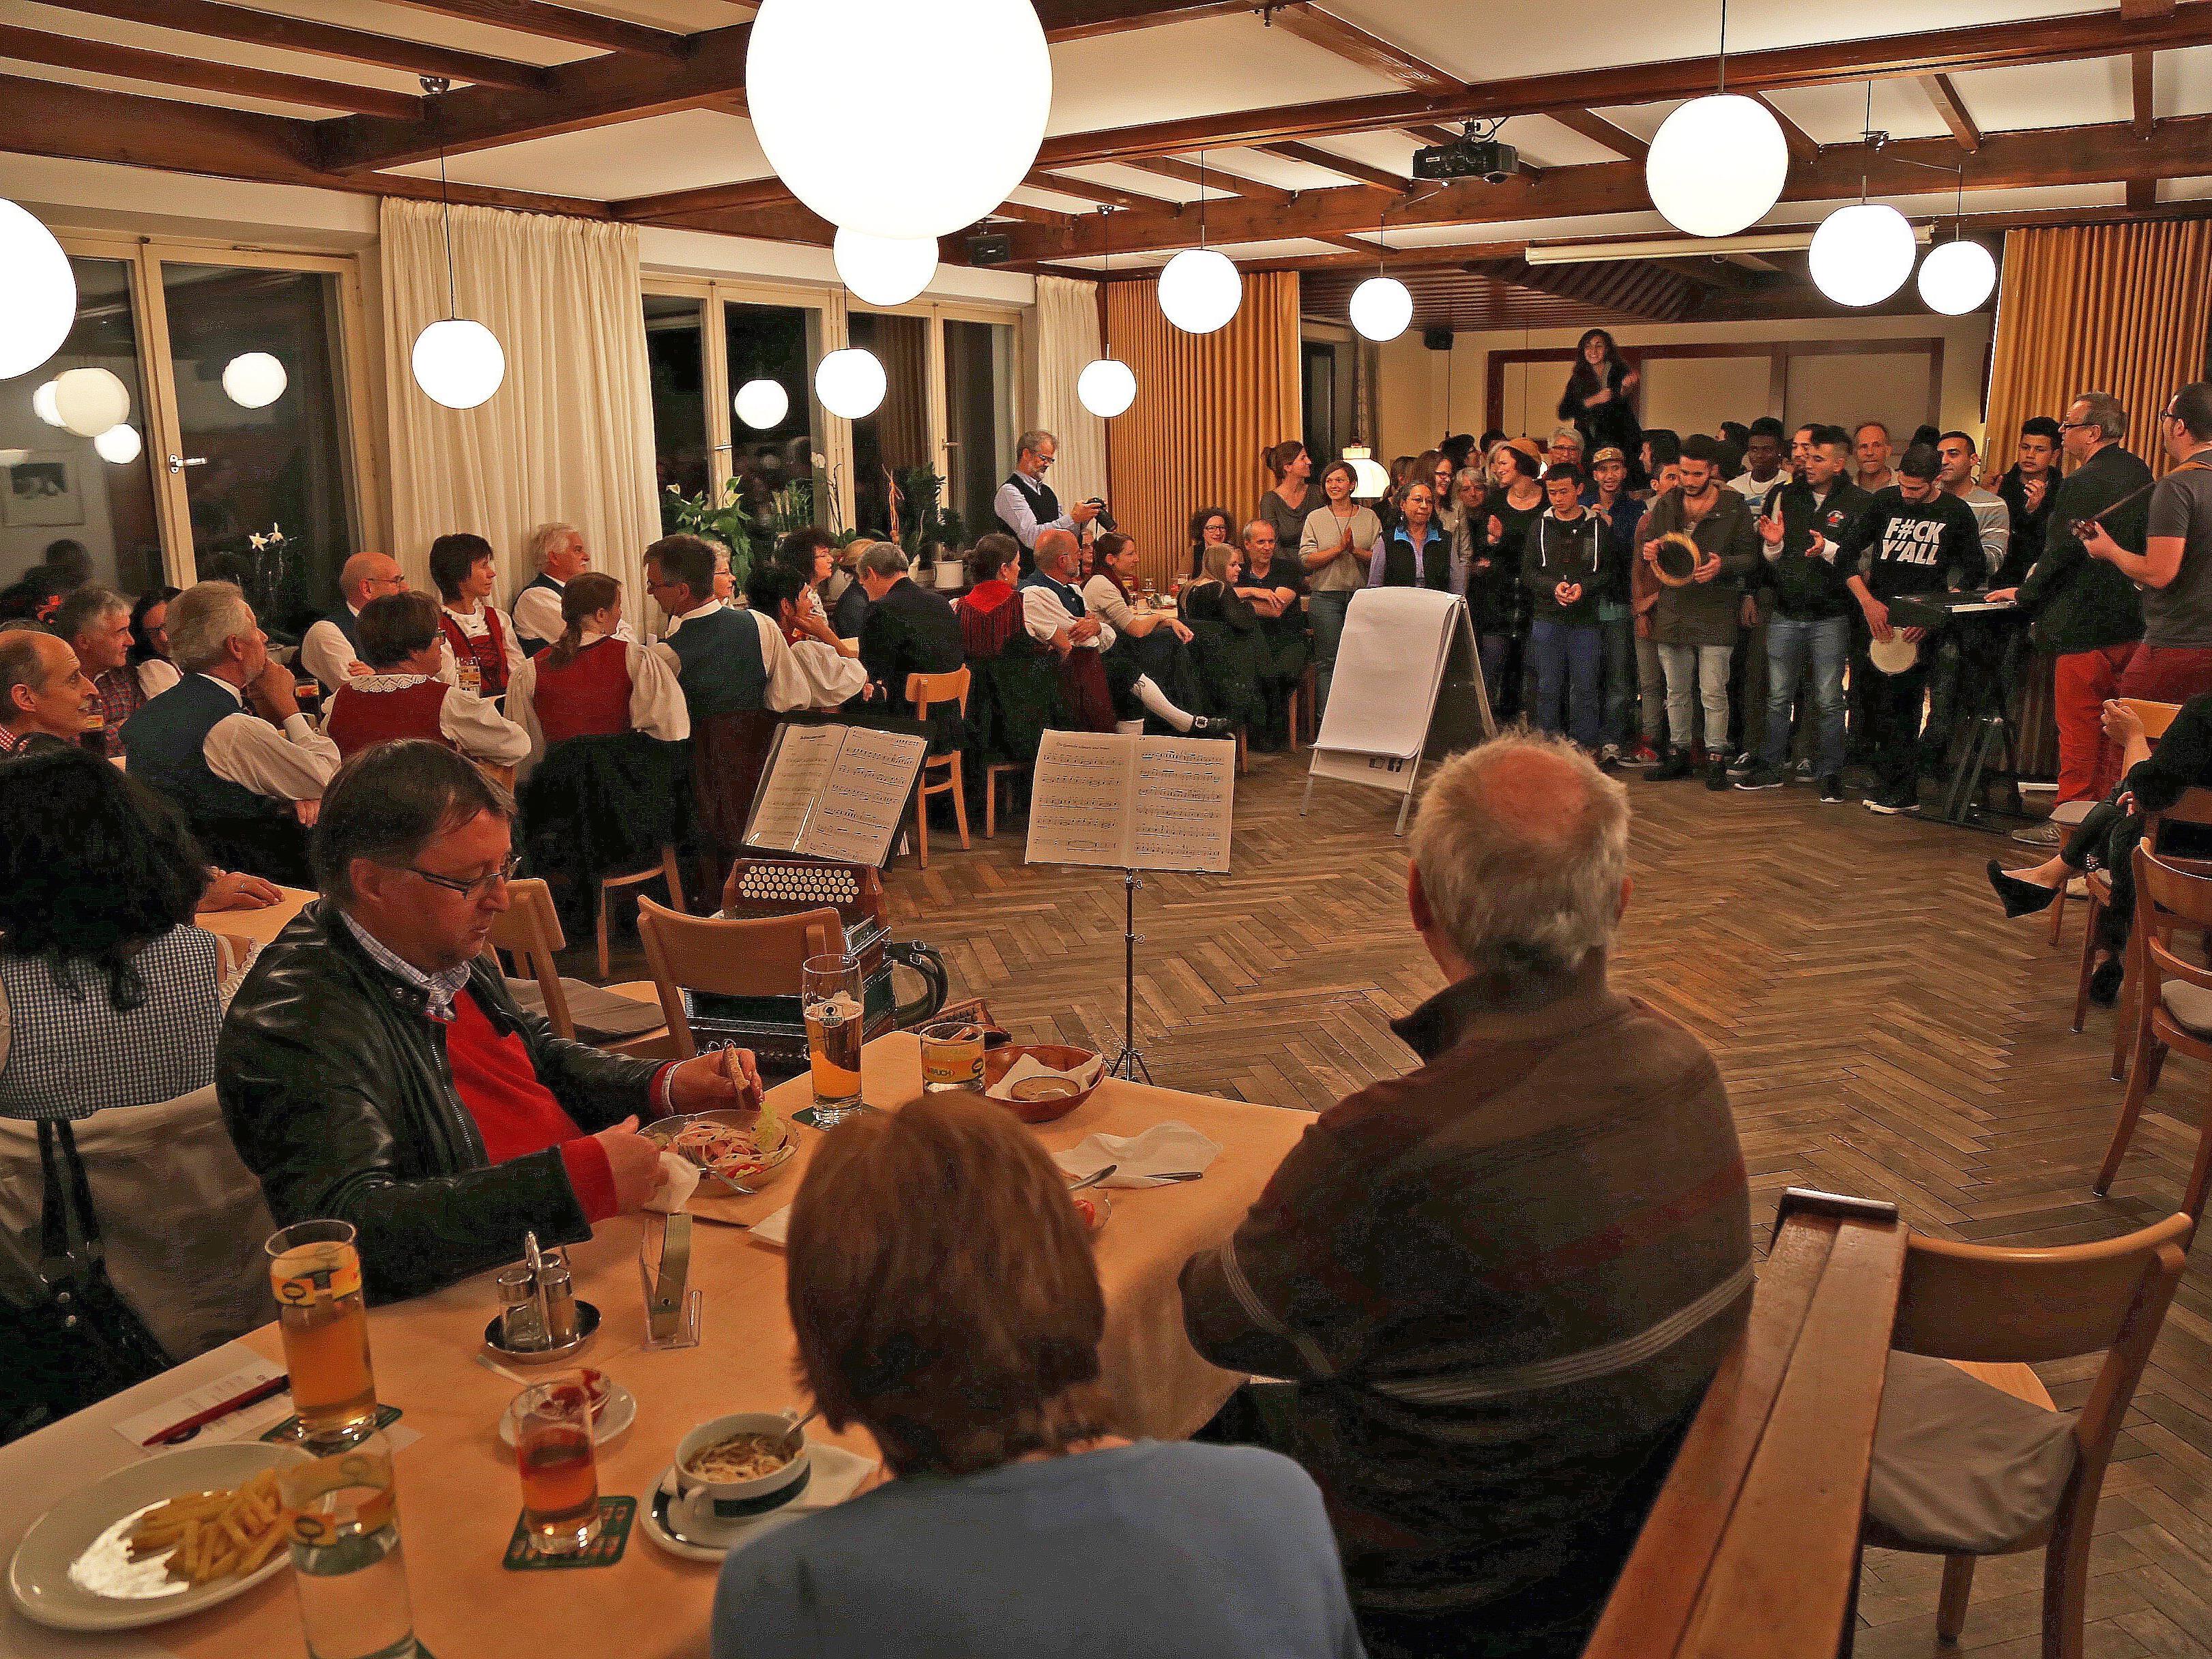 Ein voller Saal des Gasthofs Löwen führte zum Miteinander verschiedener Kulturen.